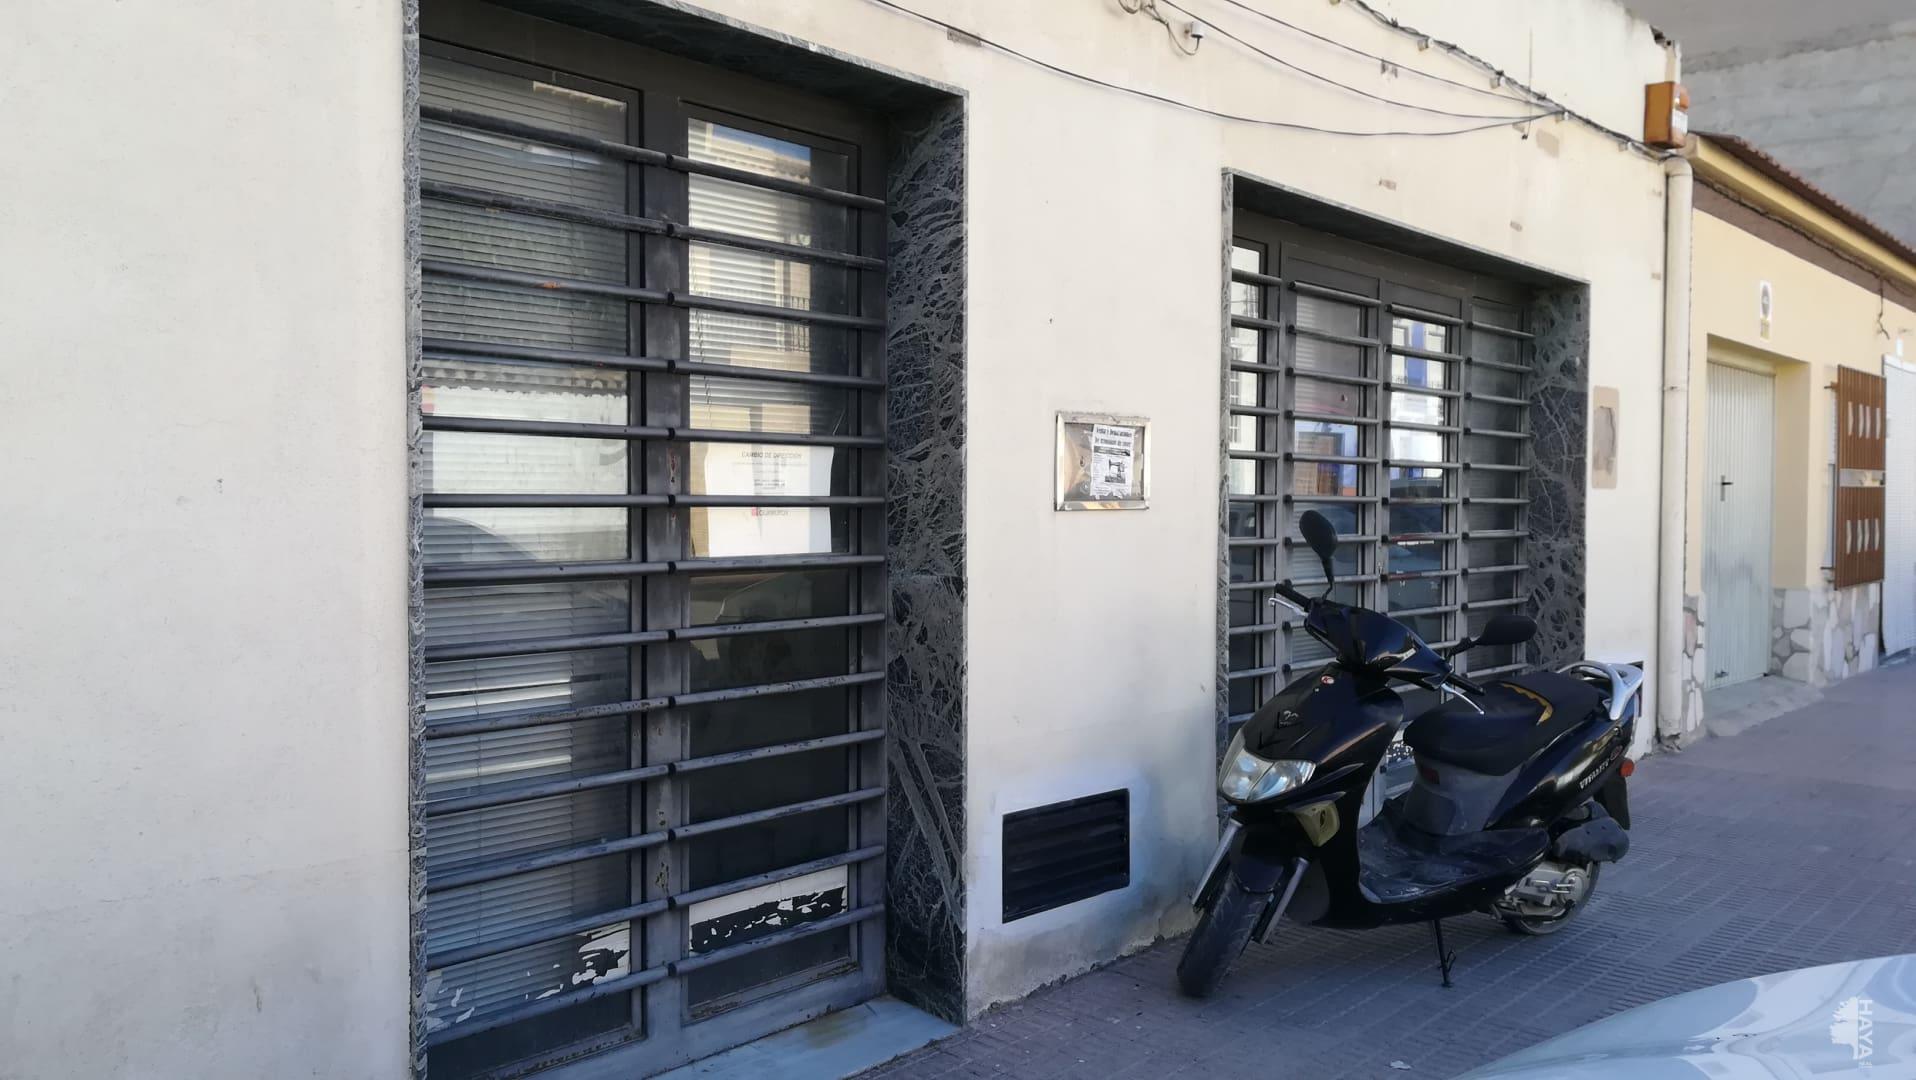 Local en venta en Mula, Murcia, Carretera de Murcia, 51.249 €, 96 m2